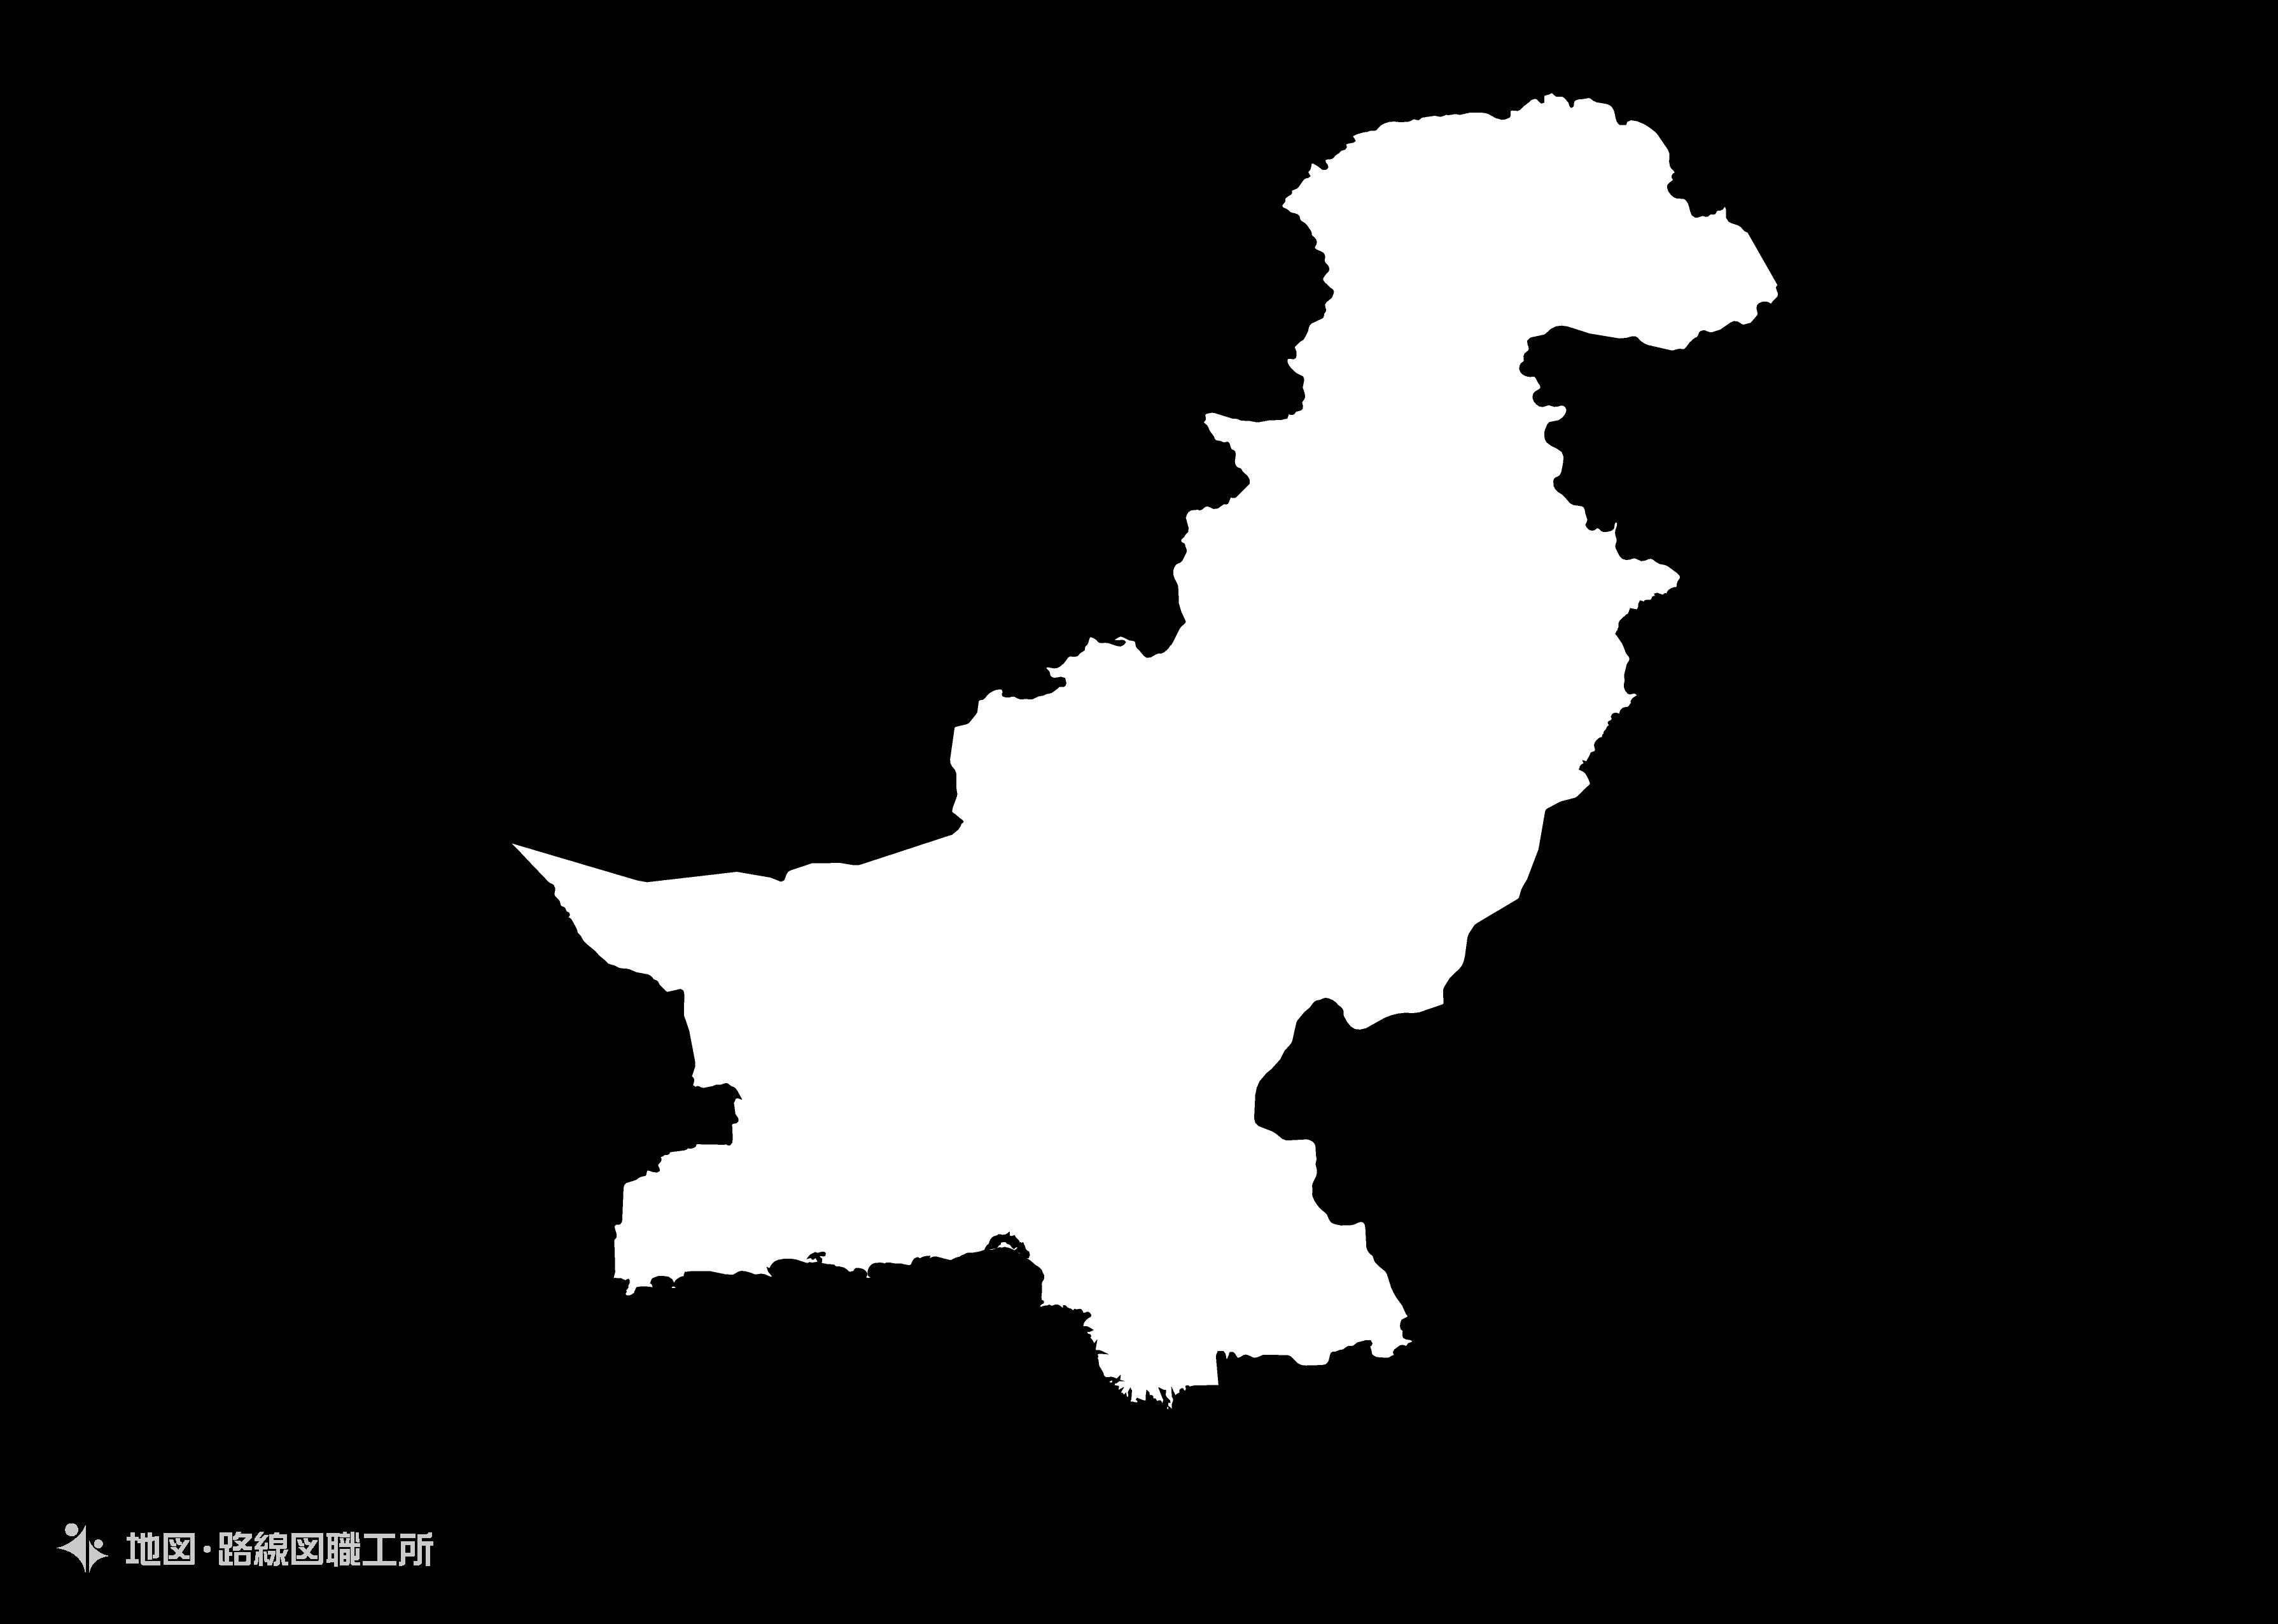 世界の白地図 パキスタン・イスラム共和国 islamic-republic-of-pakistan map